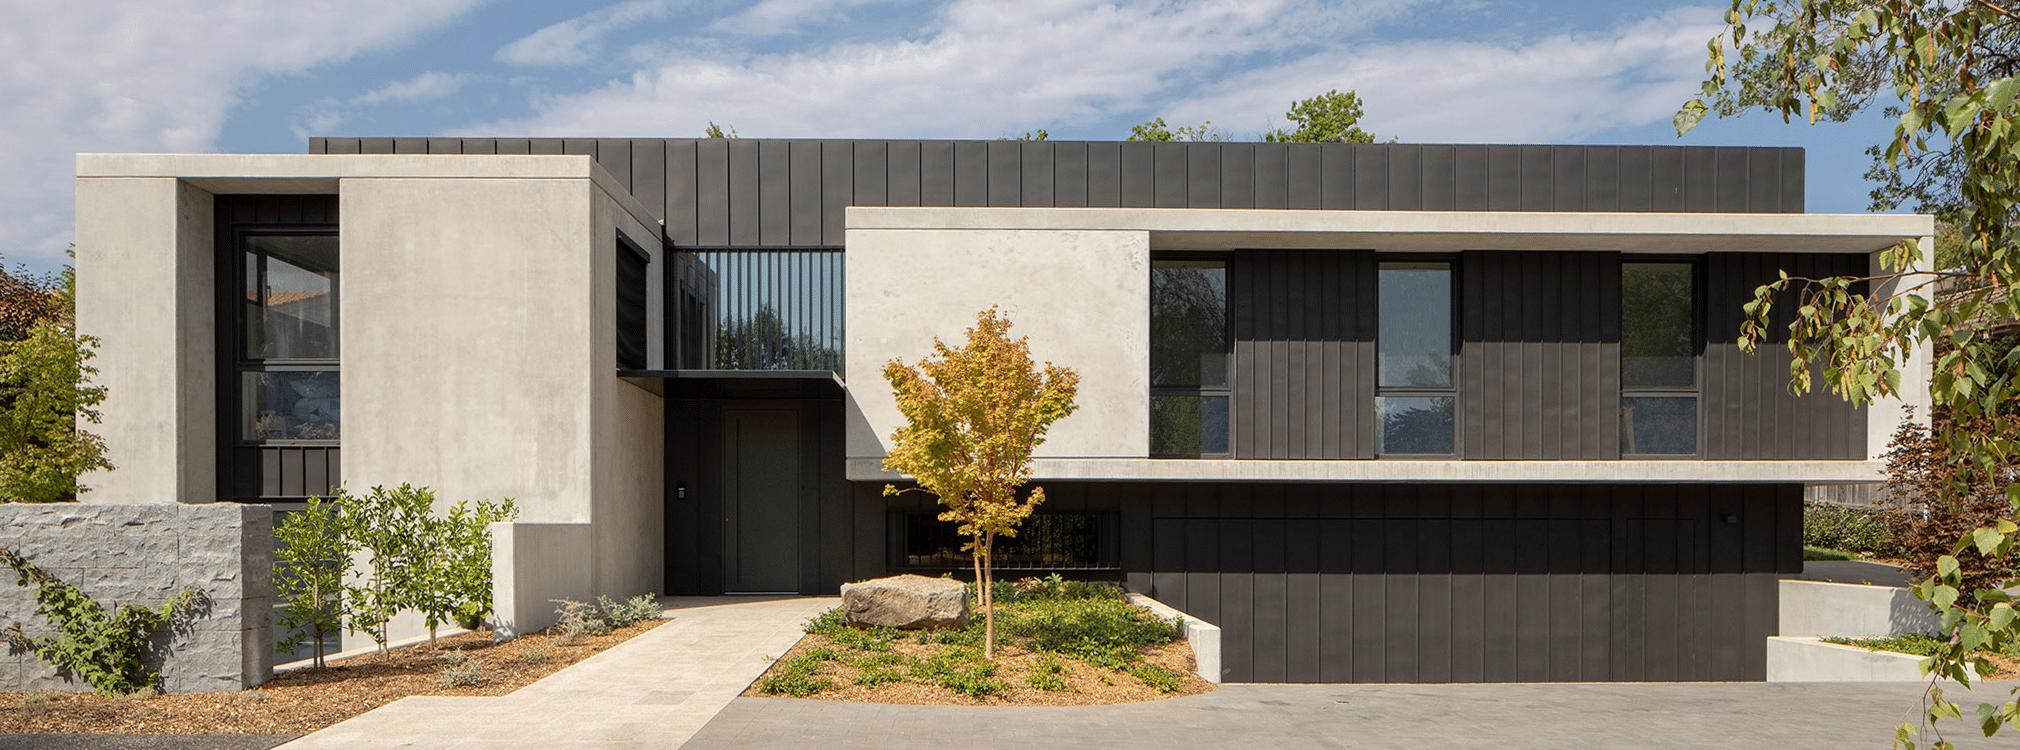 Woning in betonstructuur met sandwichpanelen